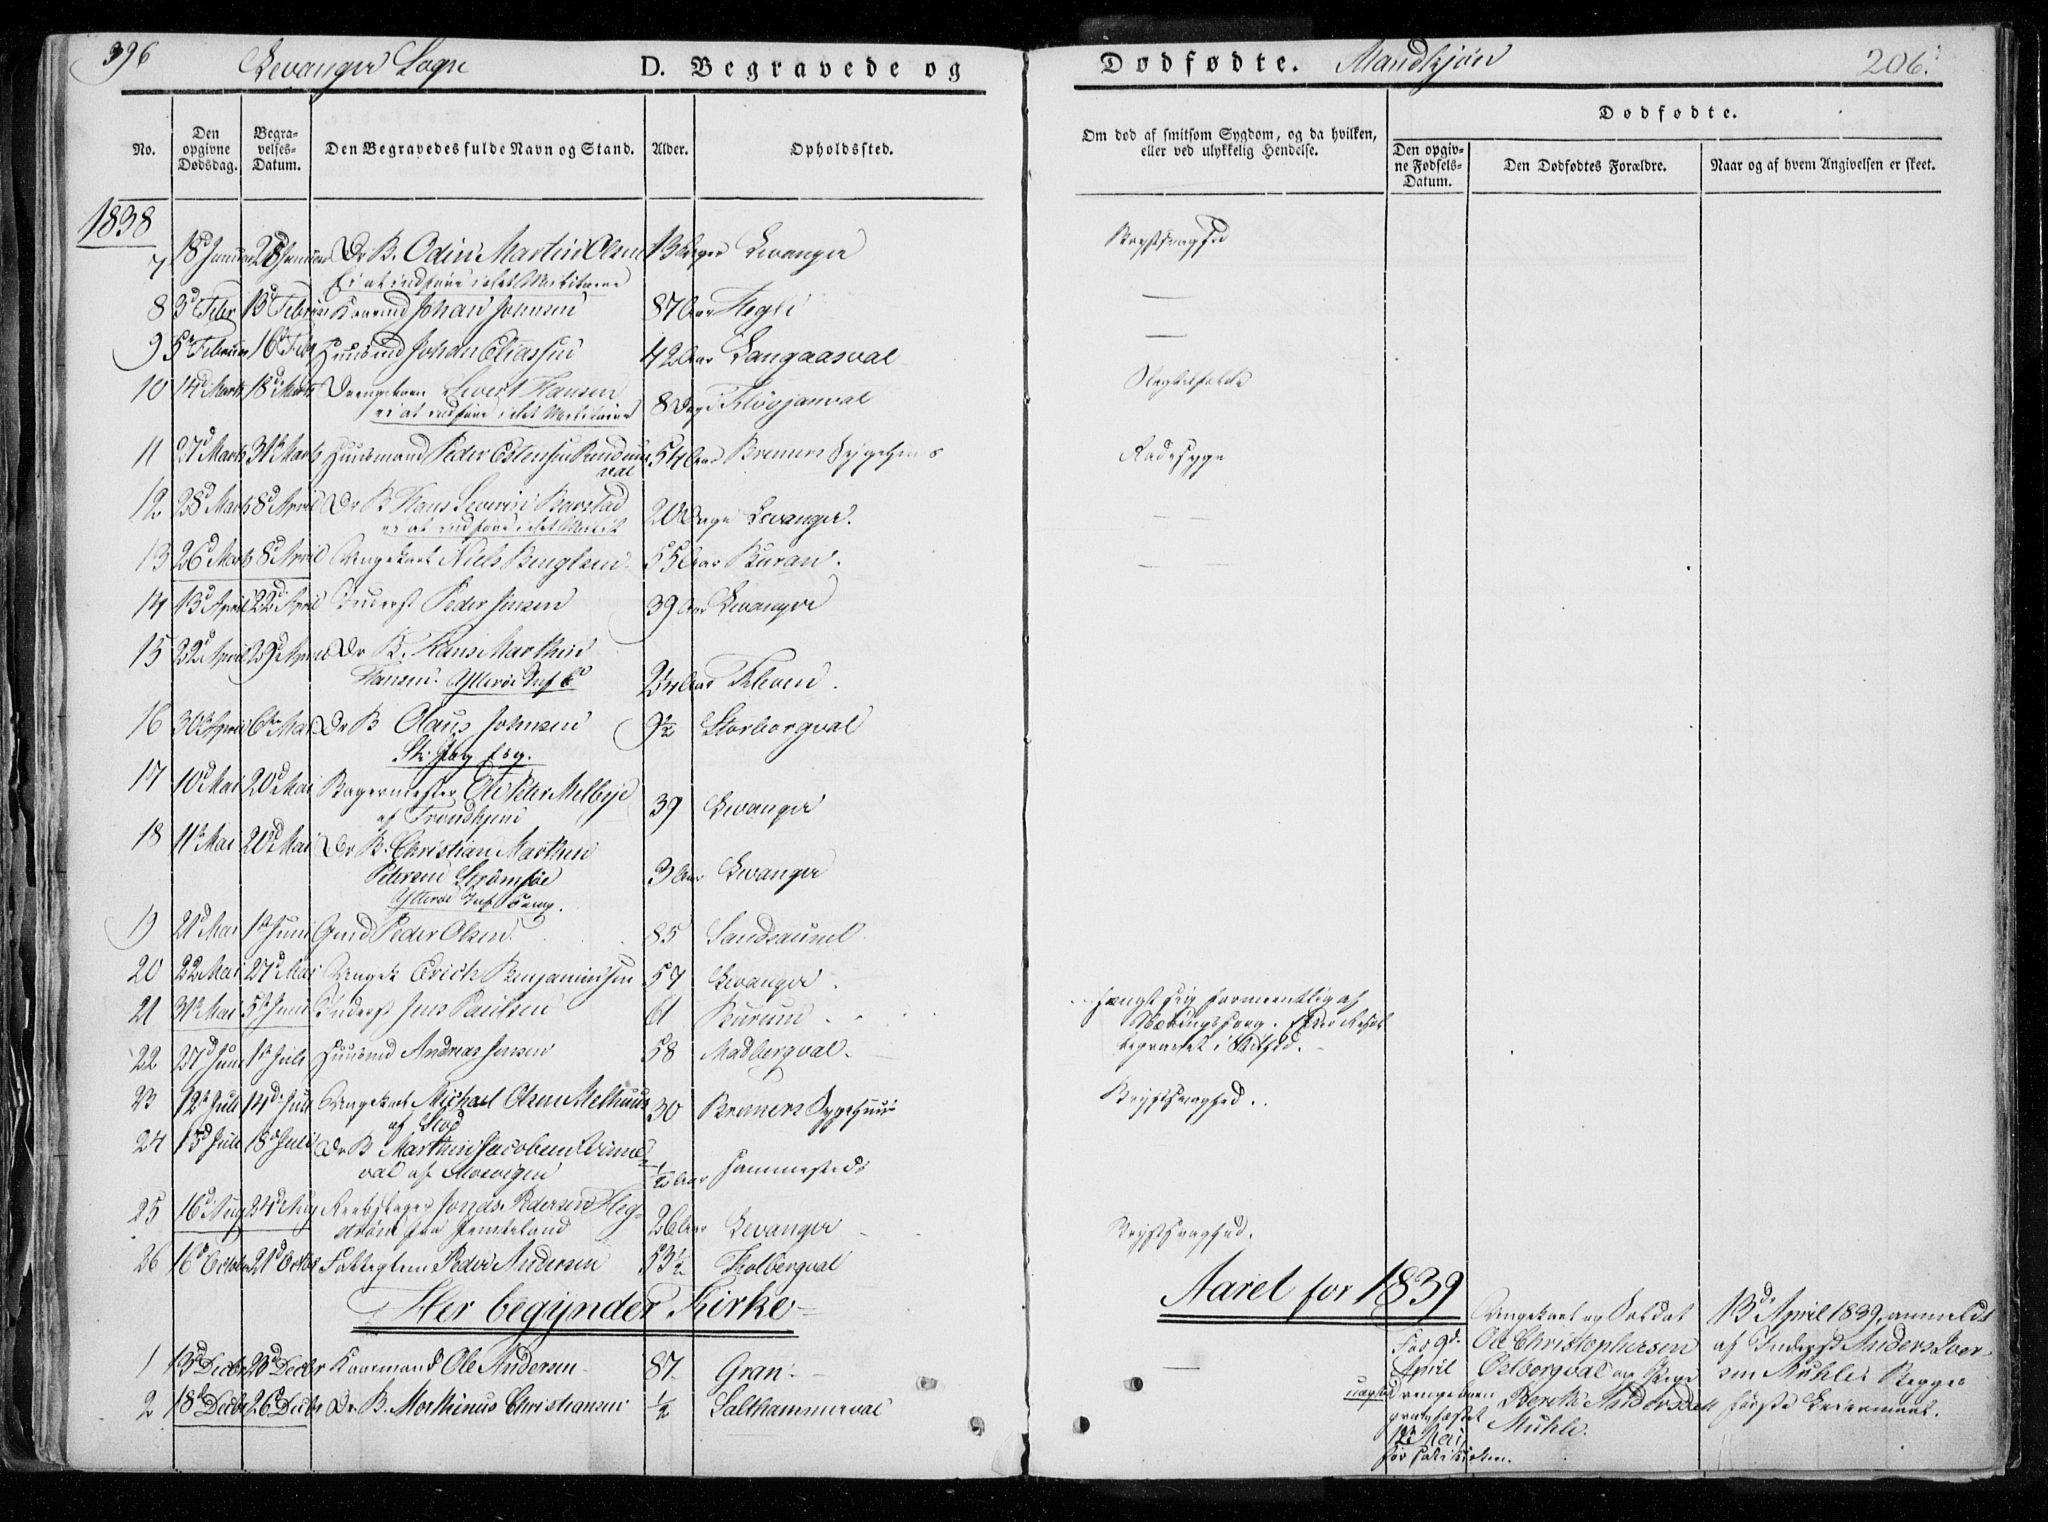 SAT, Ministerialprotokoller, klokkerbøker og fødselsregistre - Nord-Trøndelag, 720/L0183: Ministerialbok nr. 720A01, 1836-1855, s. 206